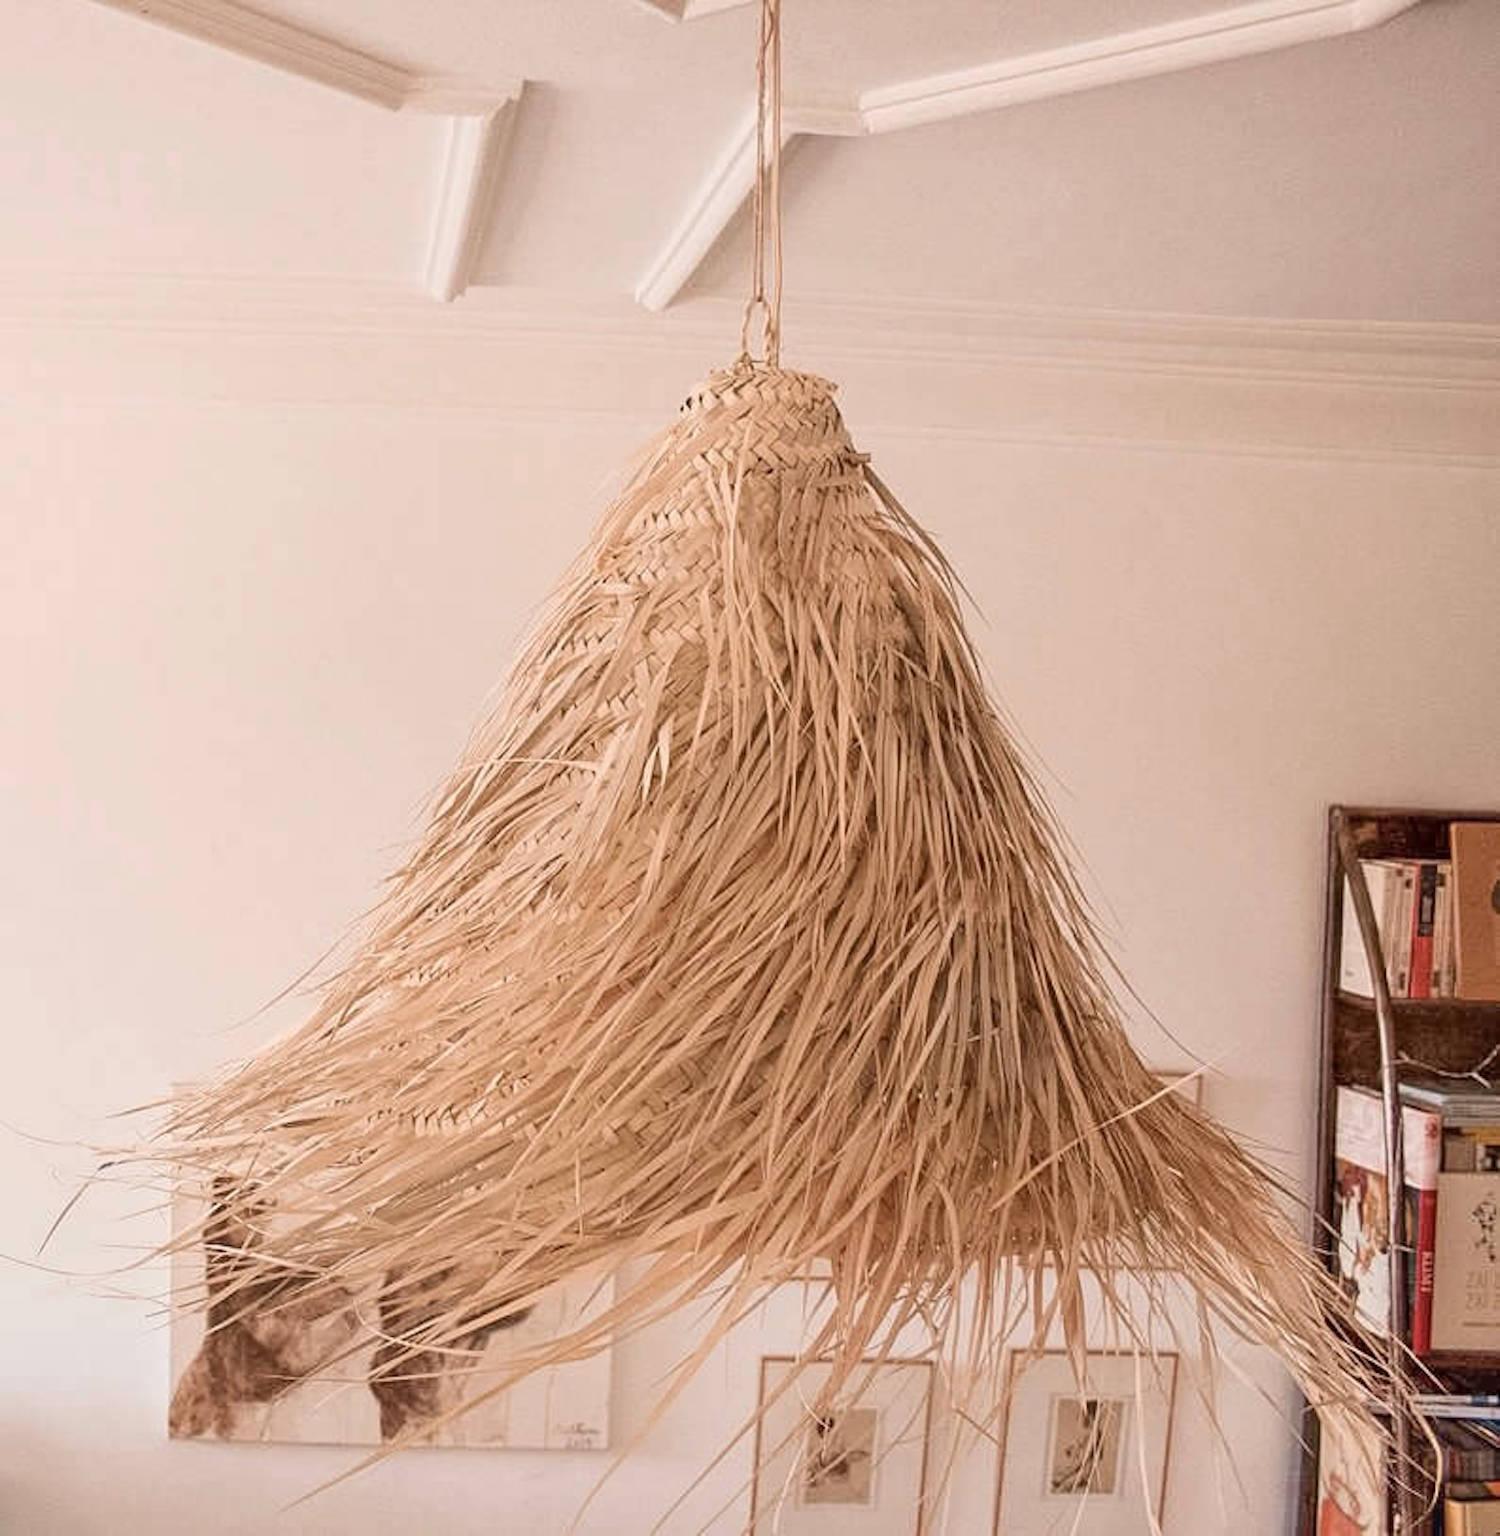 Suspension conique en feuilles de palmier tressées - Boutique décoration Martinique Cénélia